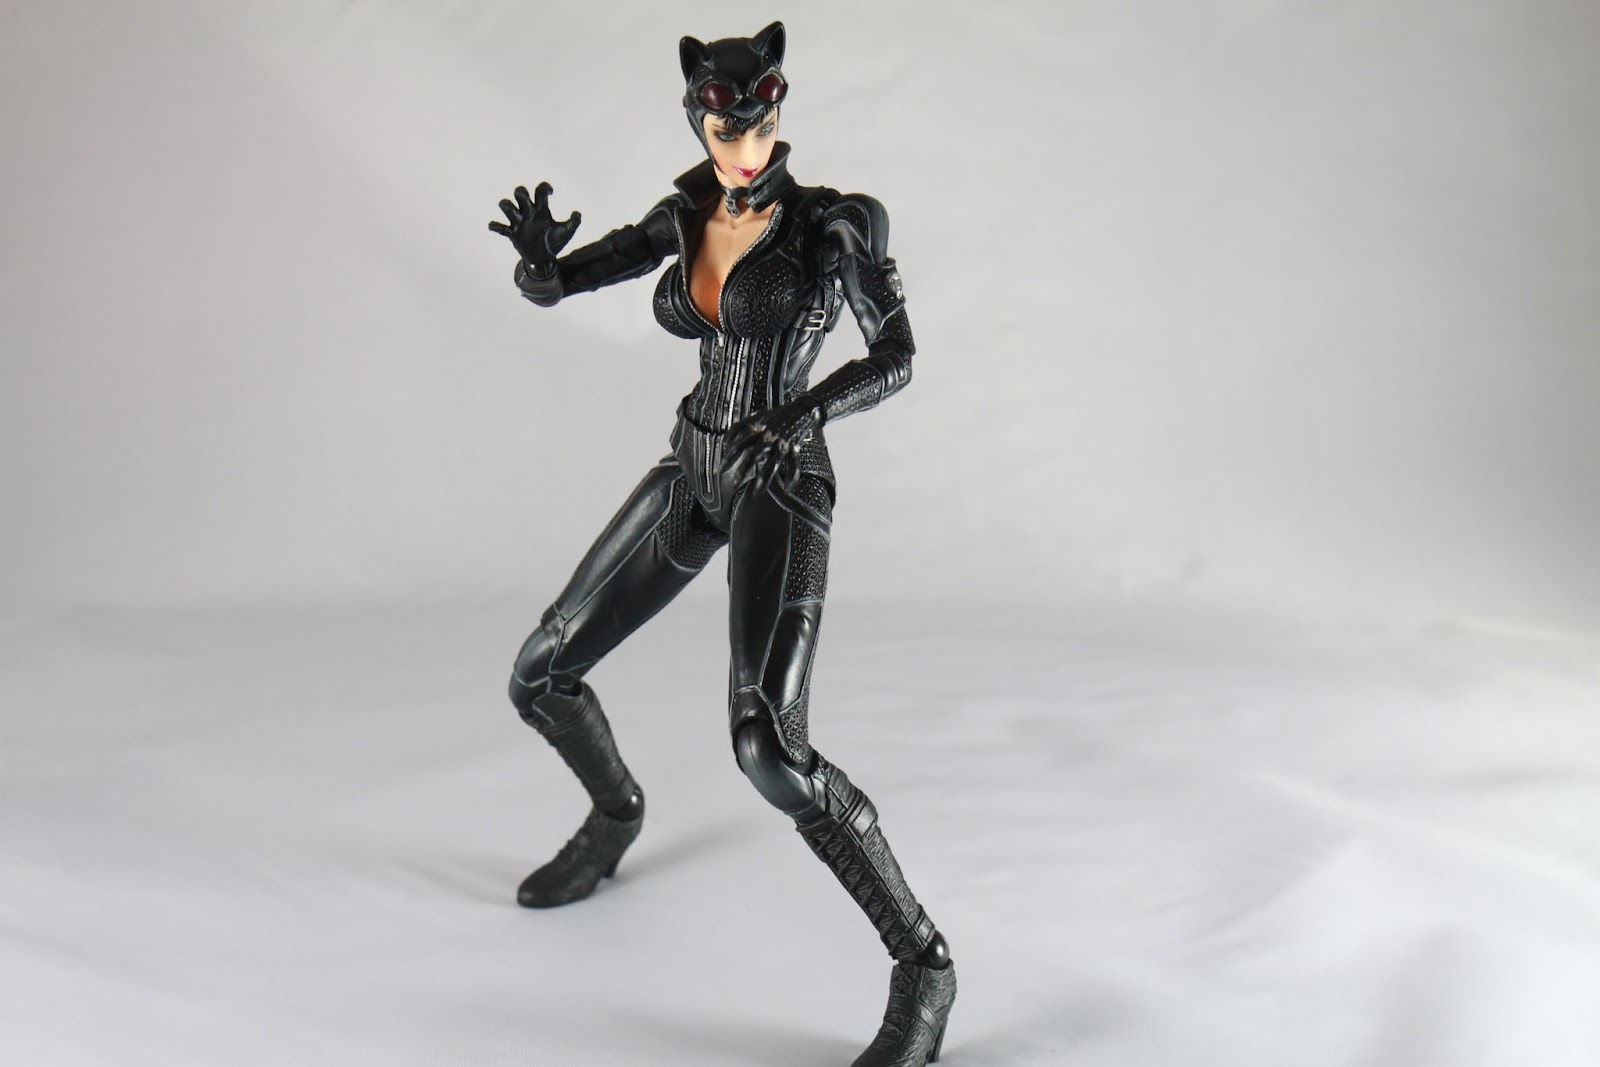 拳腳功夫也算了得的貓女 遊戲裡動作是最快的 官方宣傳照這動作是用另一個頭雕 但我為何沒換呢? 因為 我買到的這組另一個頭雕接合處太小了啊! 硬壓進去我怕會斷阿!